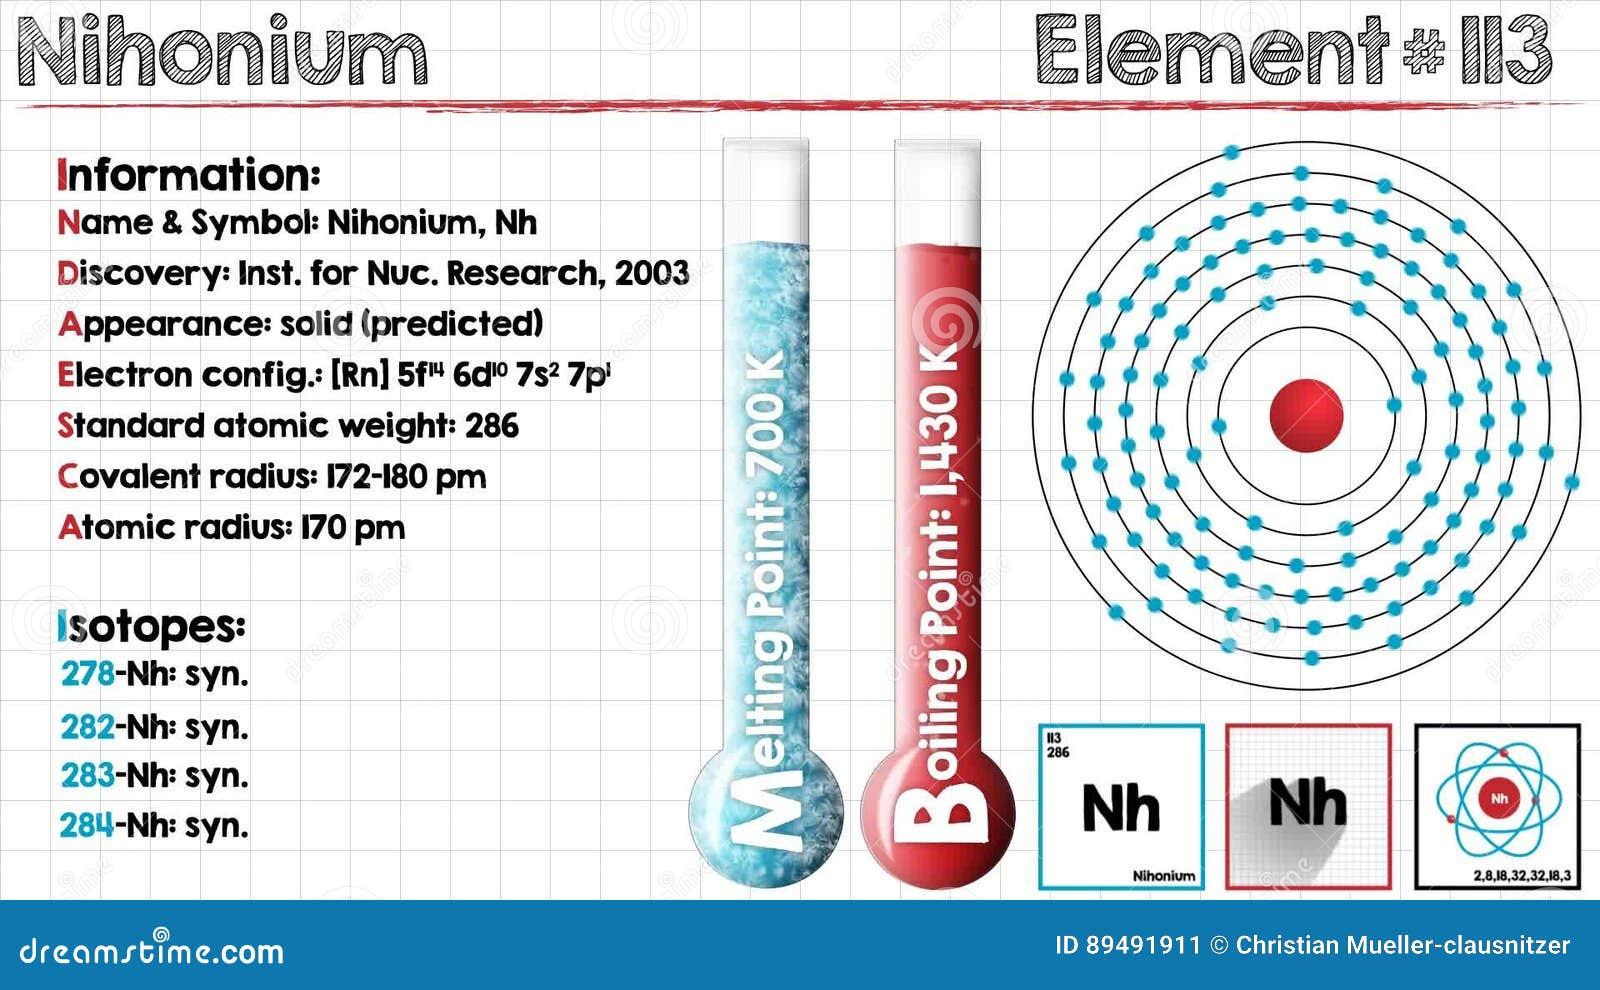 Element of Nihonium stock vide...